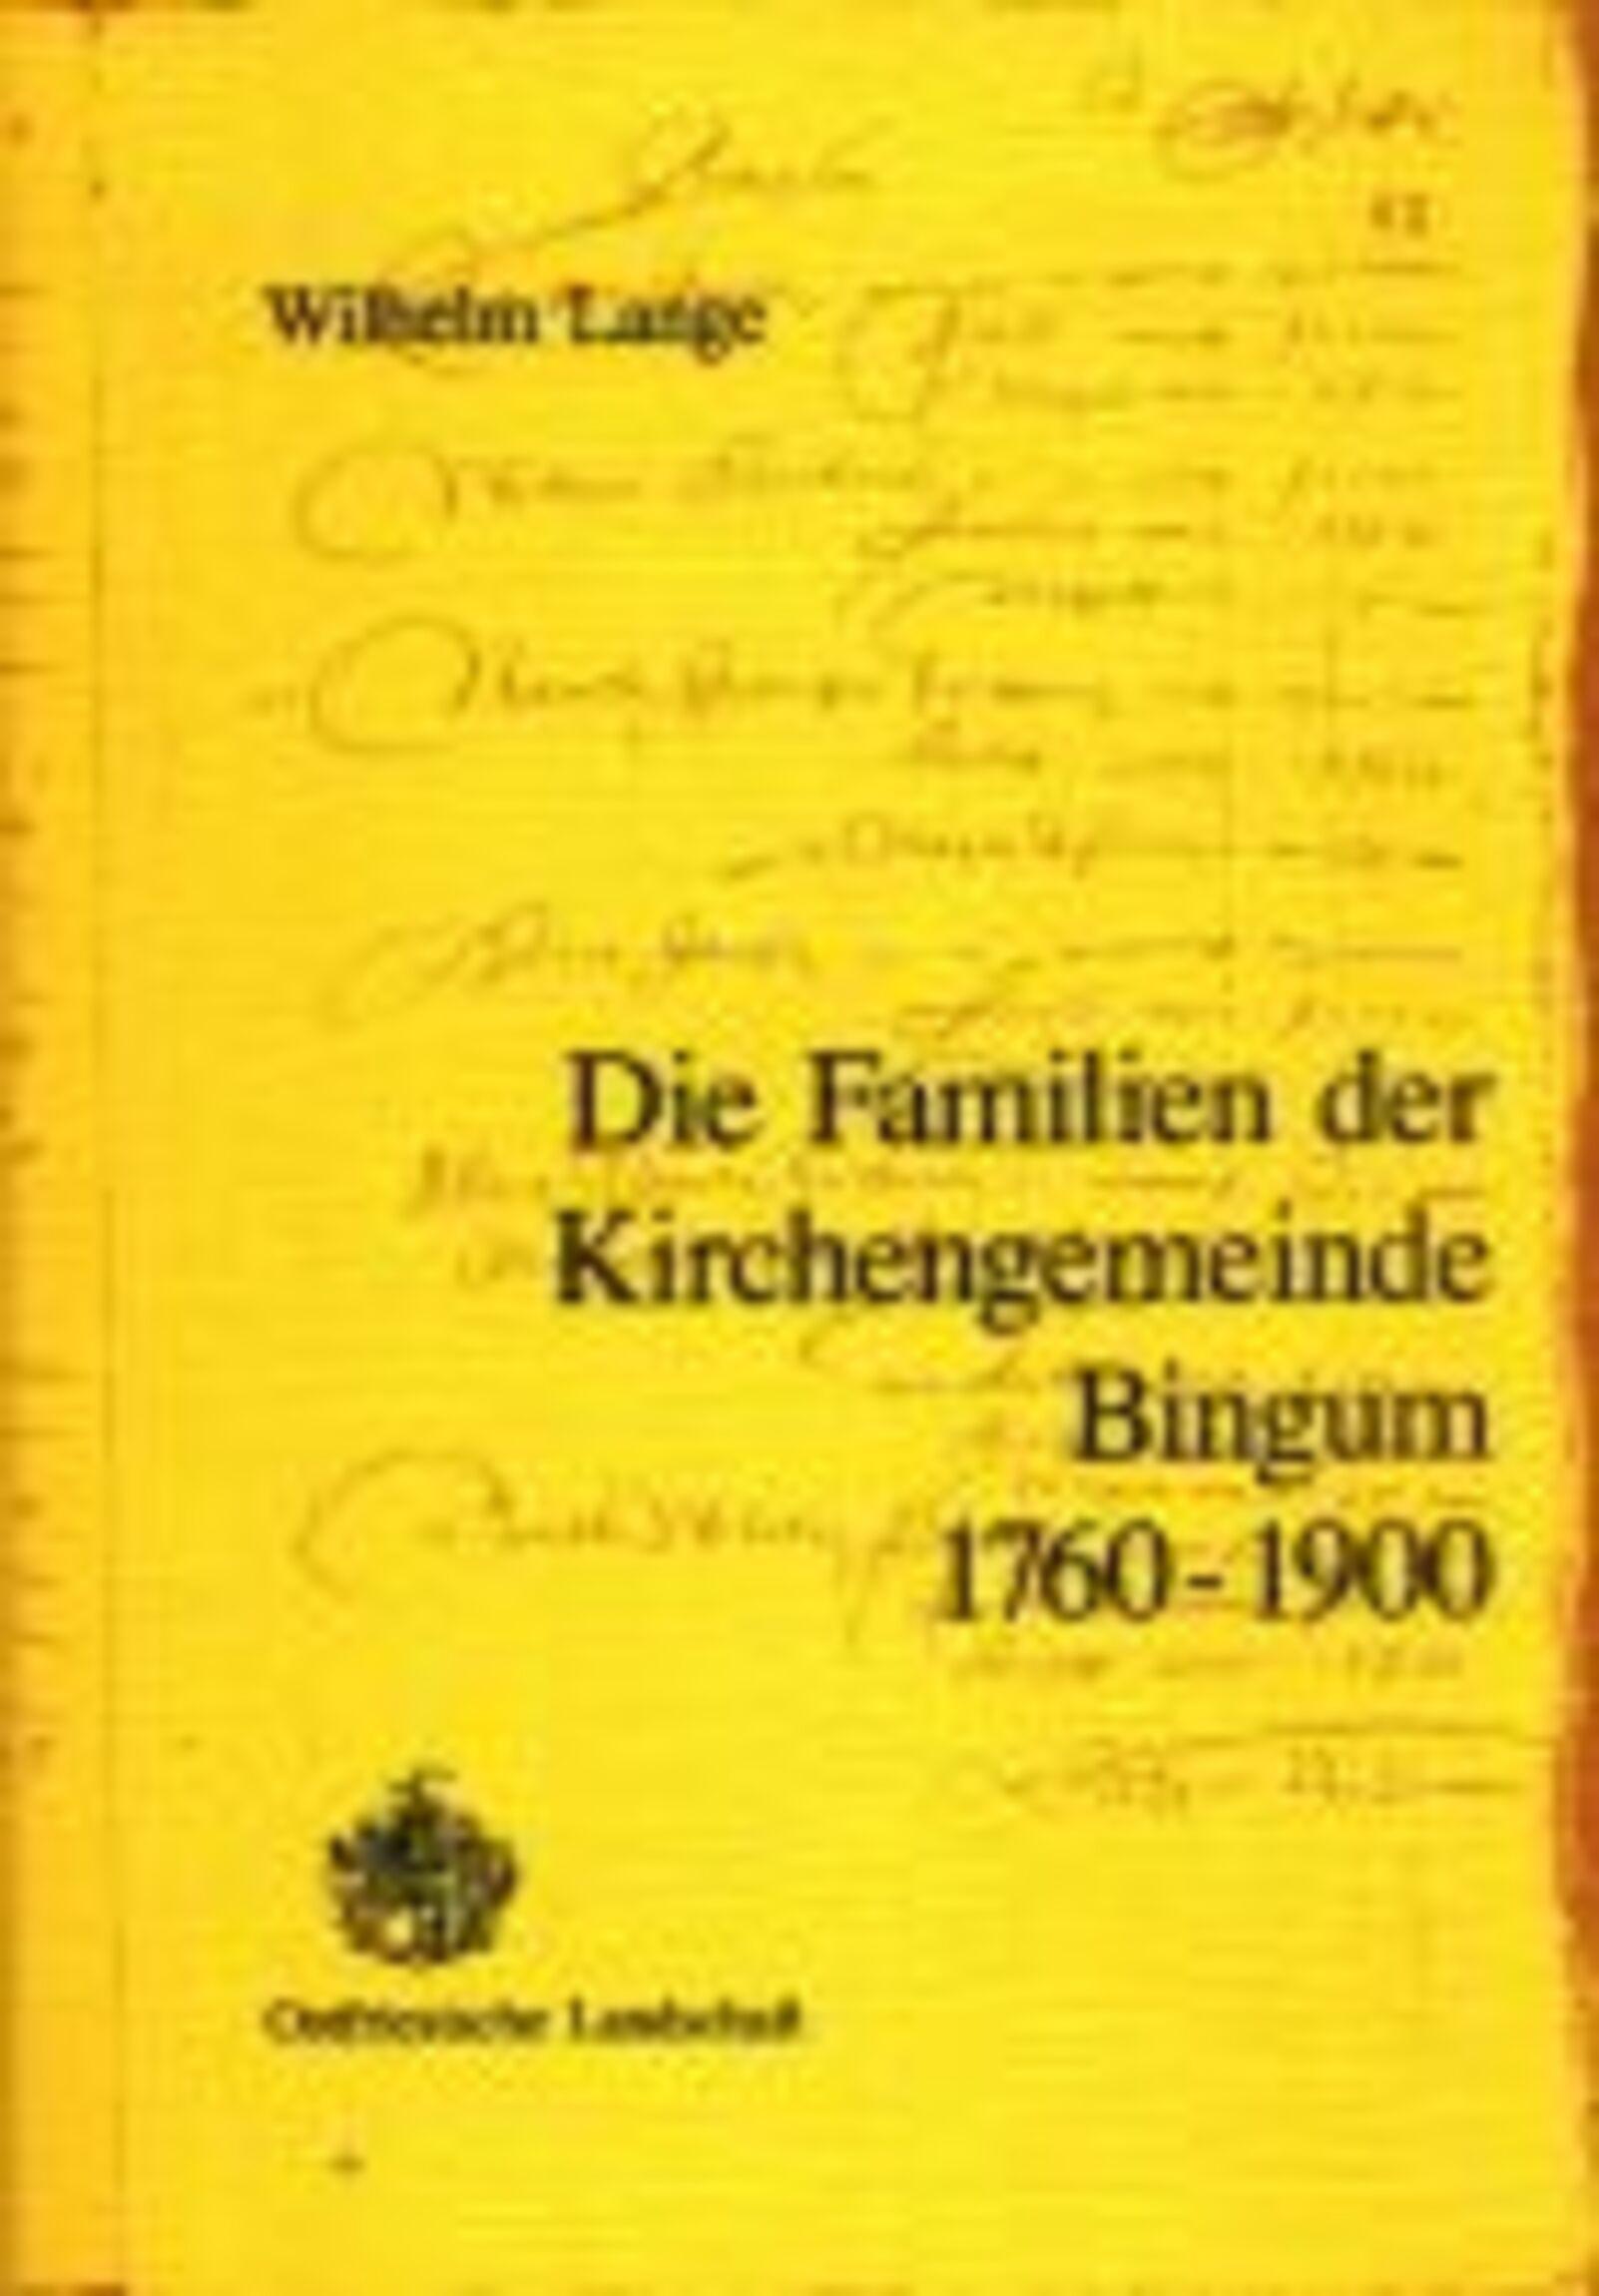 Ortssippenbuch Bingum